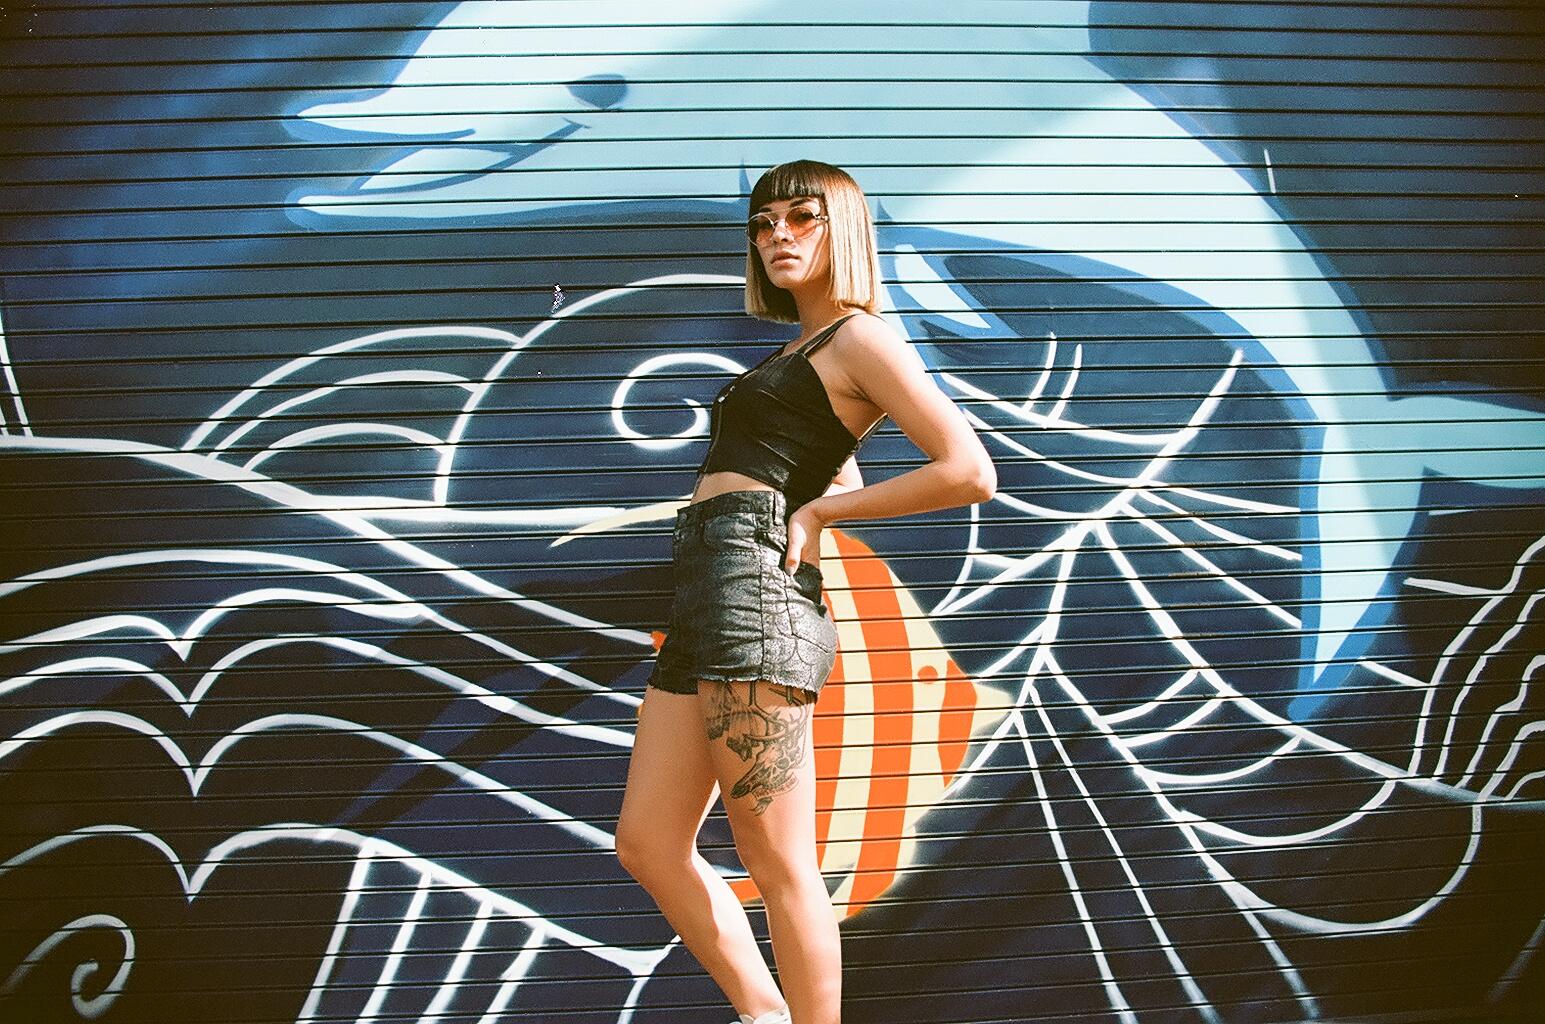 Model -Britni Sumida